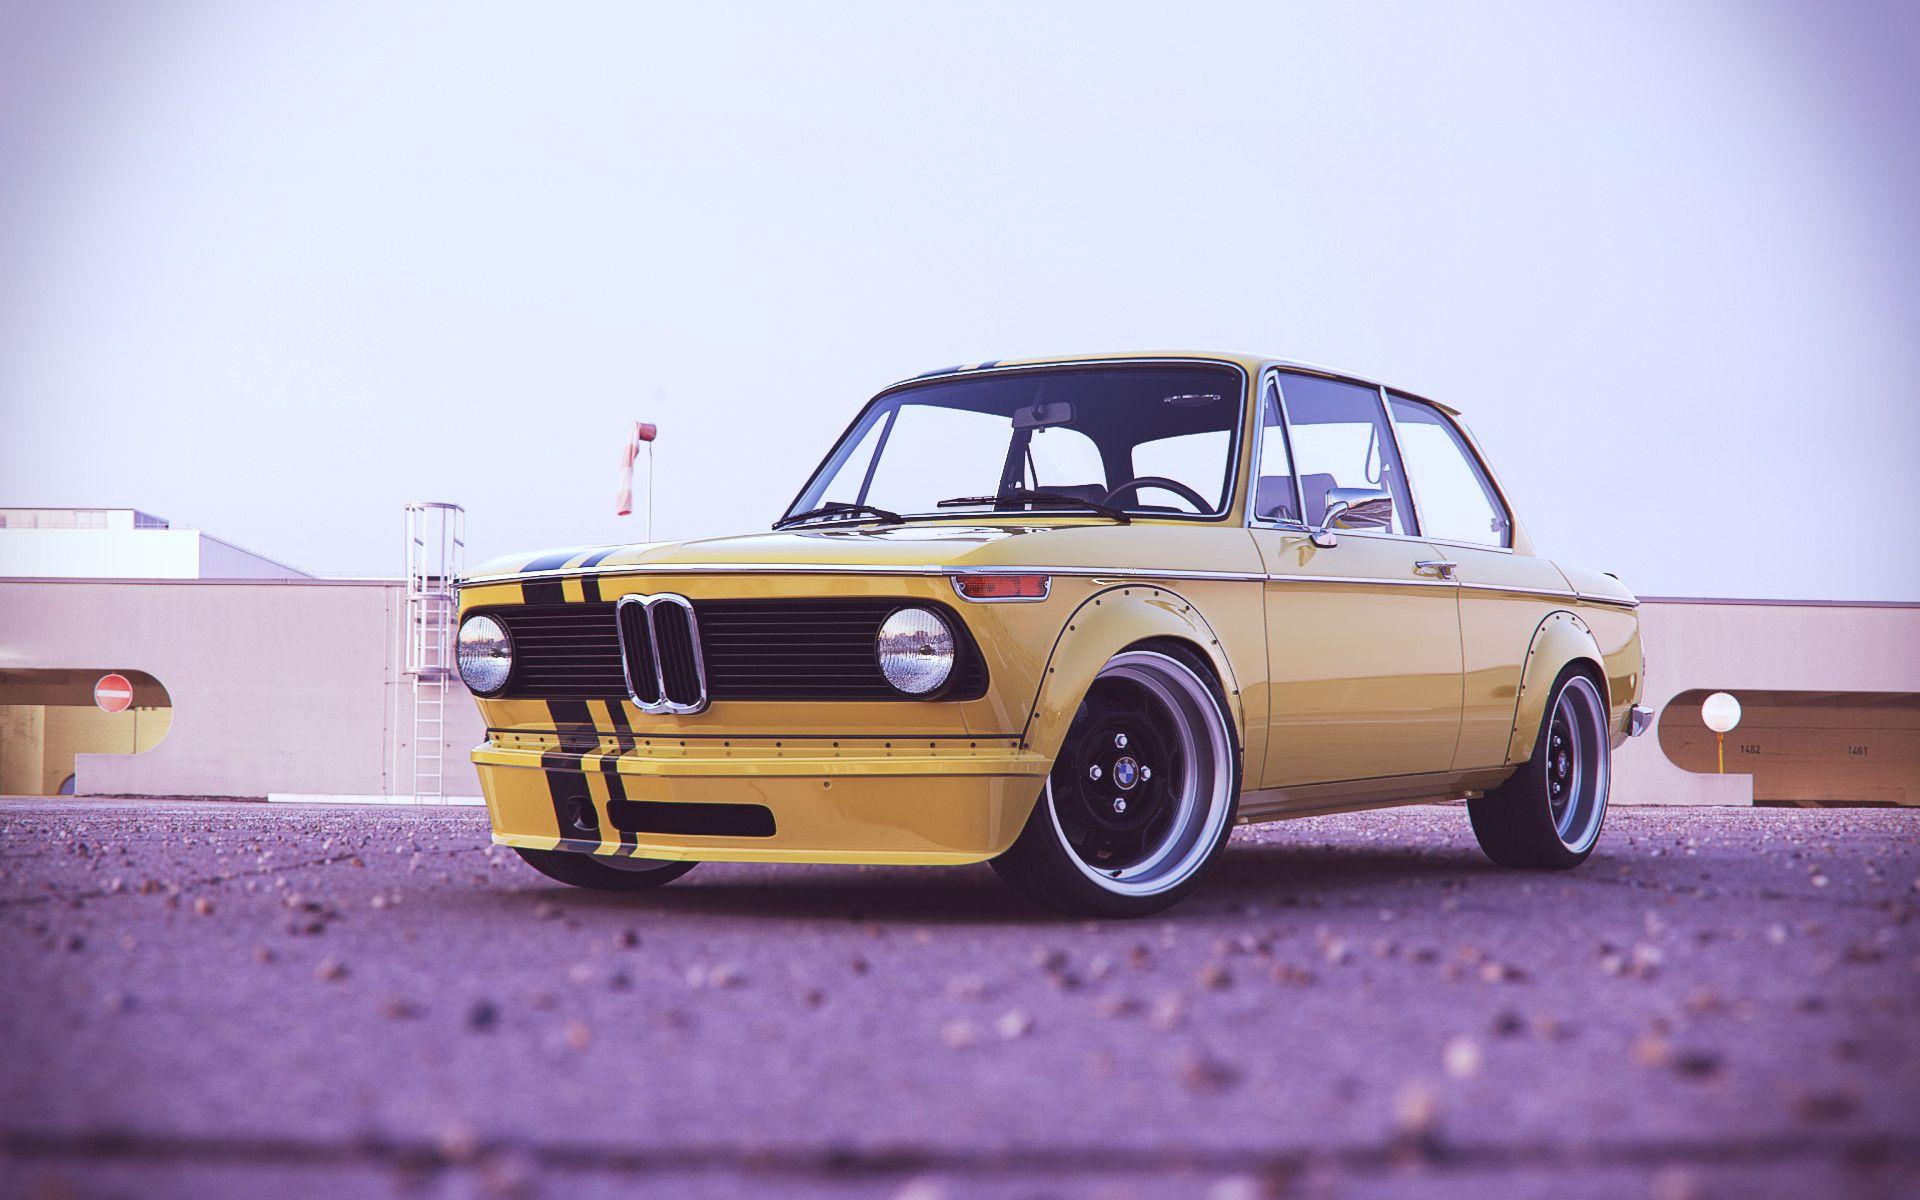 1973 BMW 2002 turbo - 1973 BMW 2002 Turbo Top Gear Test Track 1973 ...